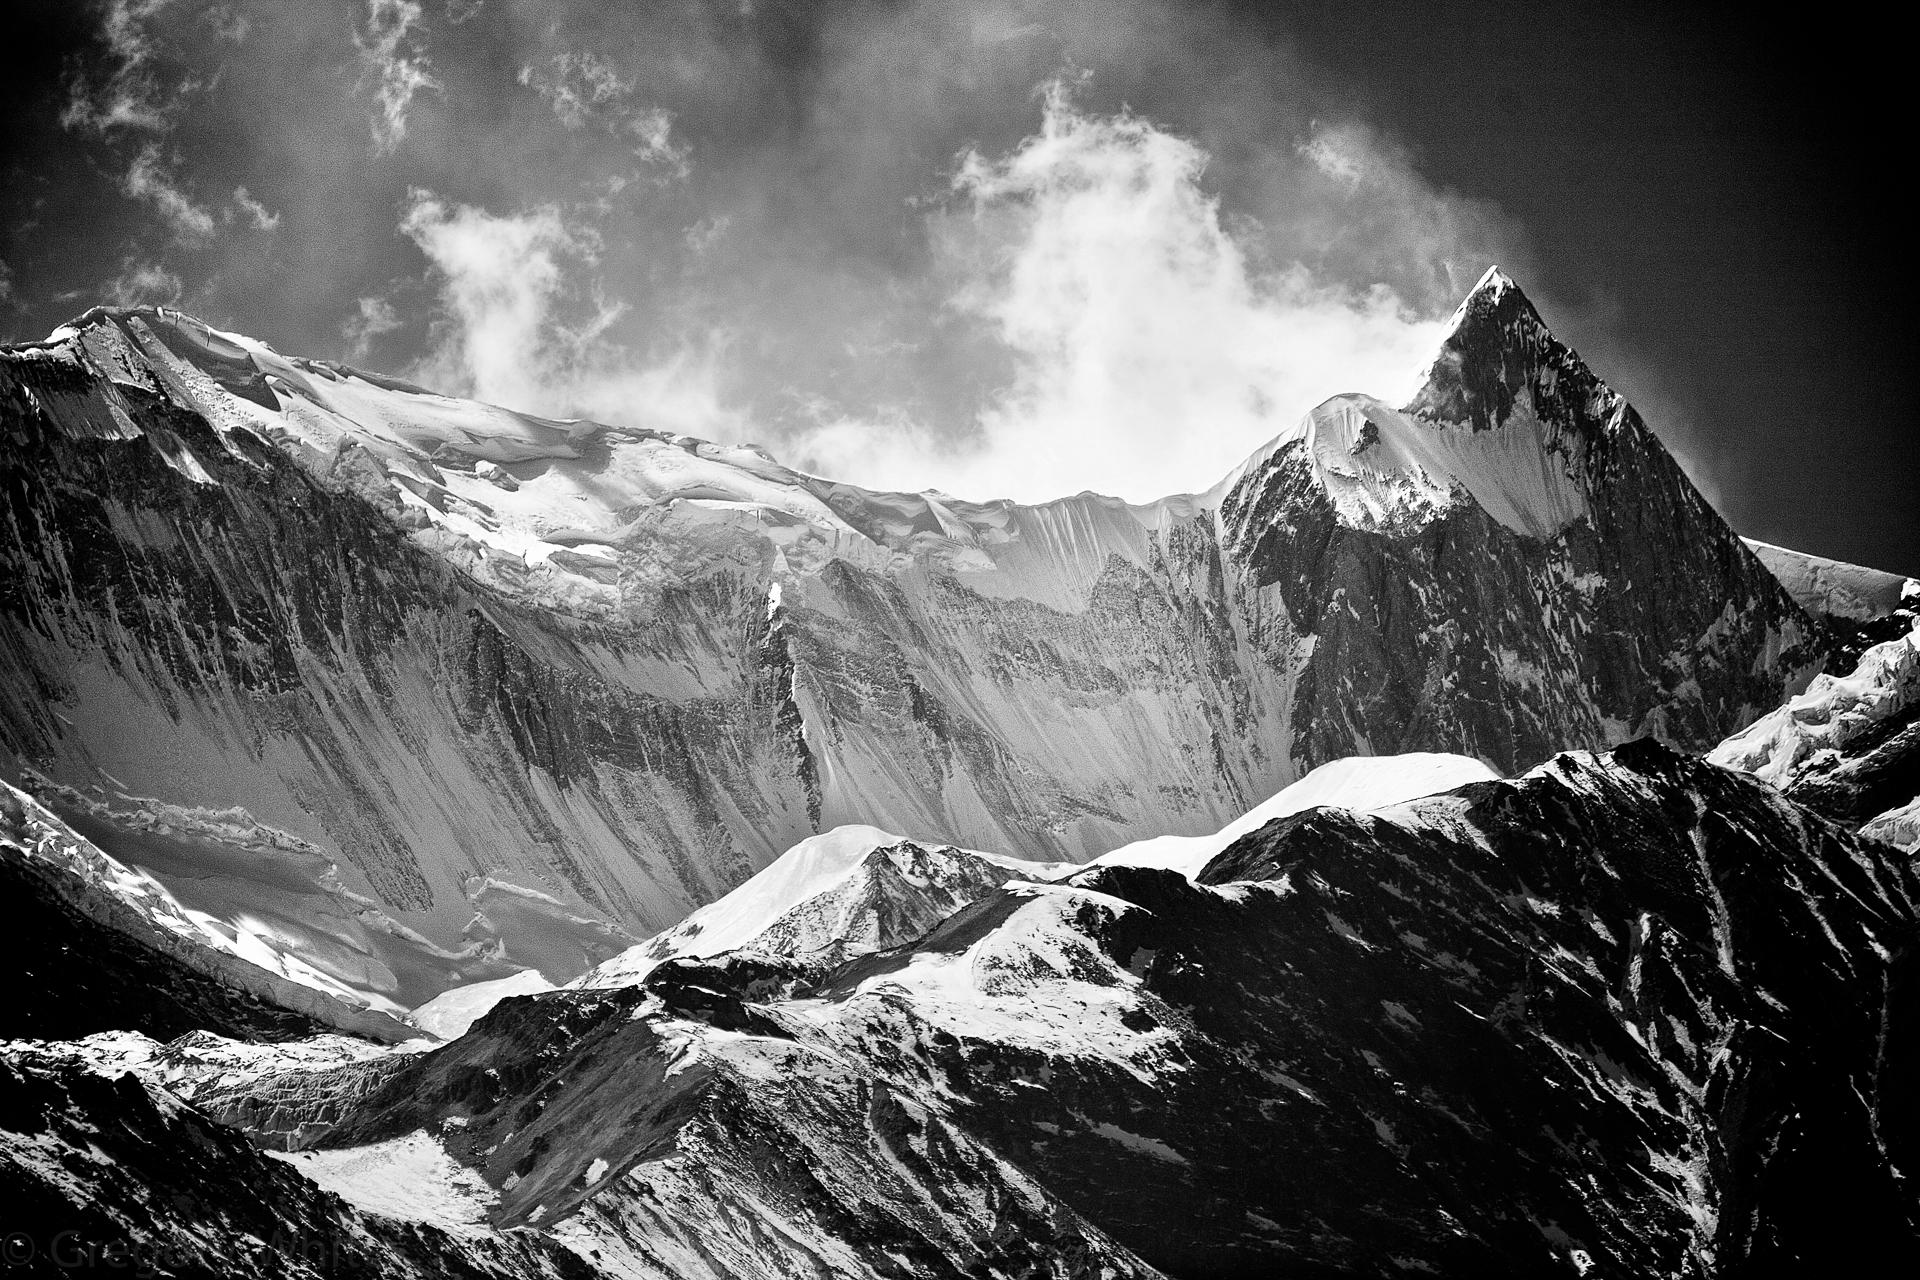 Roc Noir (24, 899 ft) aka Kangshar Kang in the Annapurna mountains.